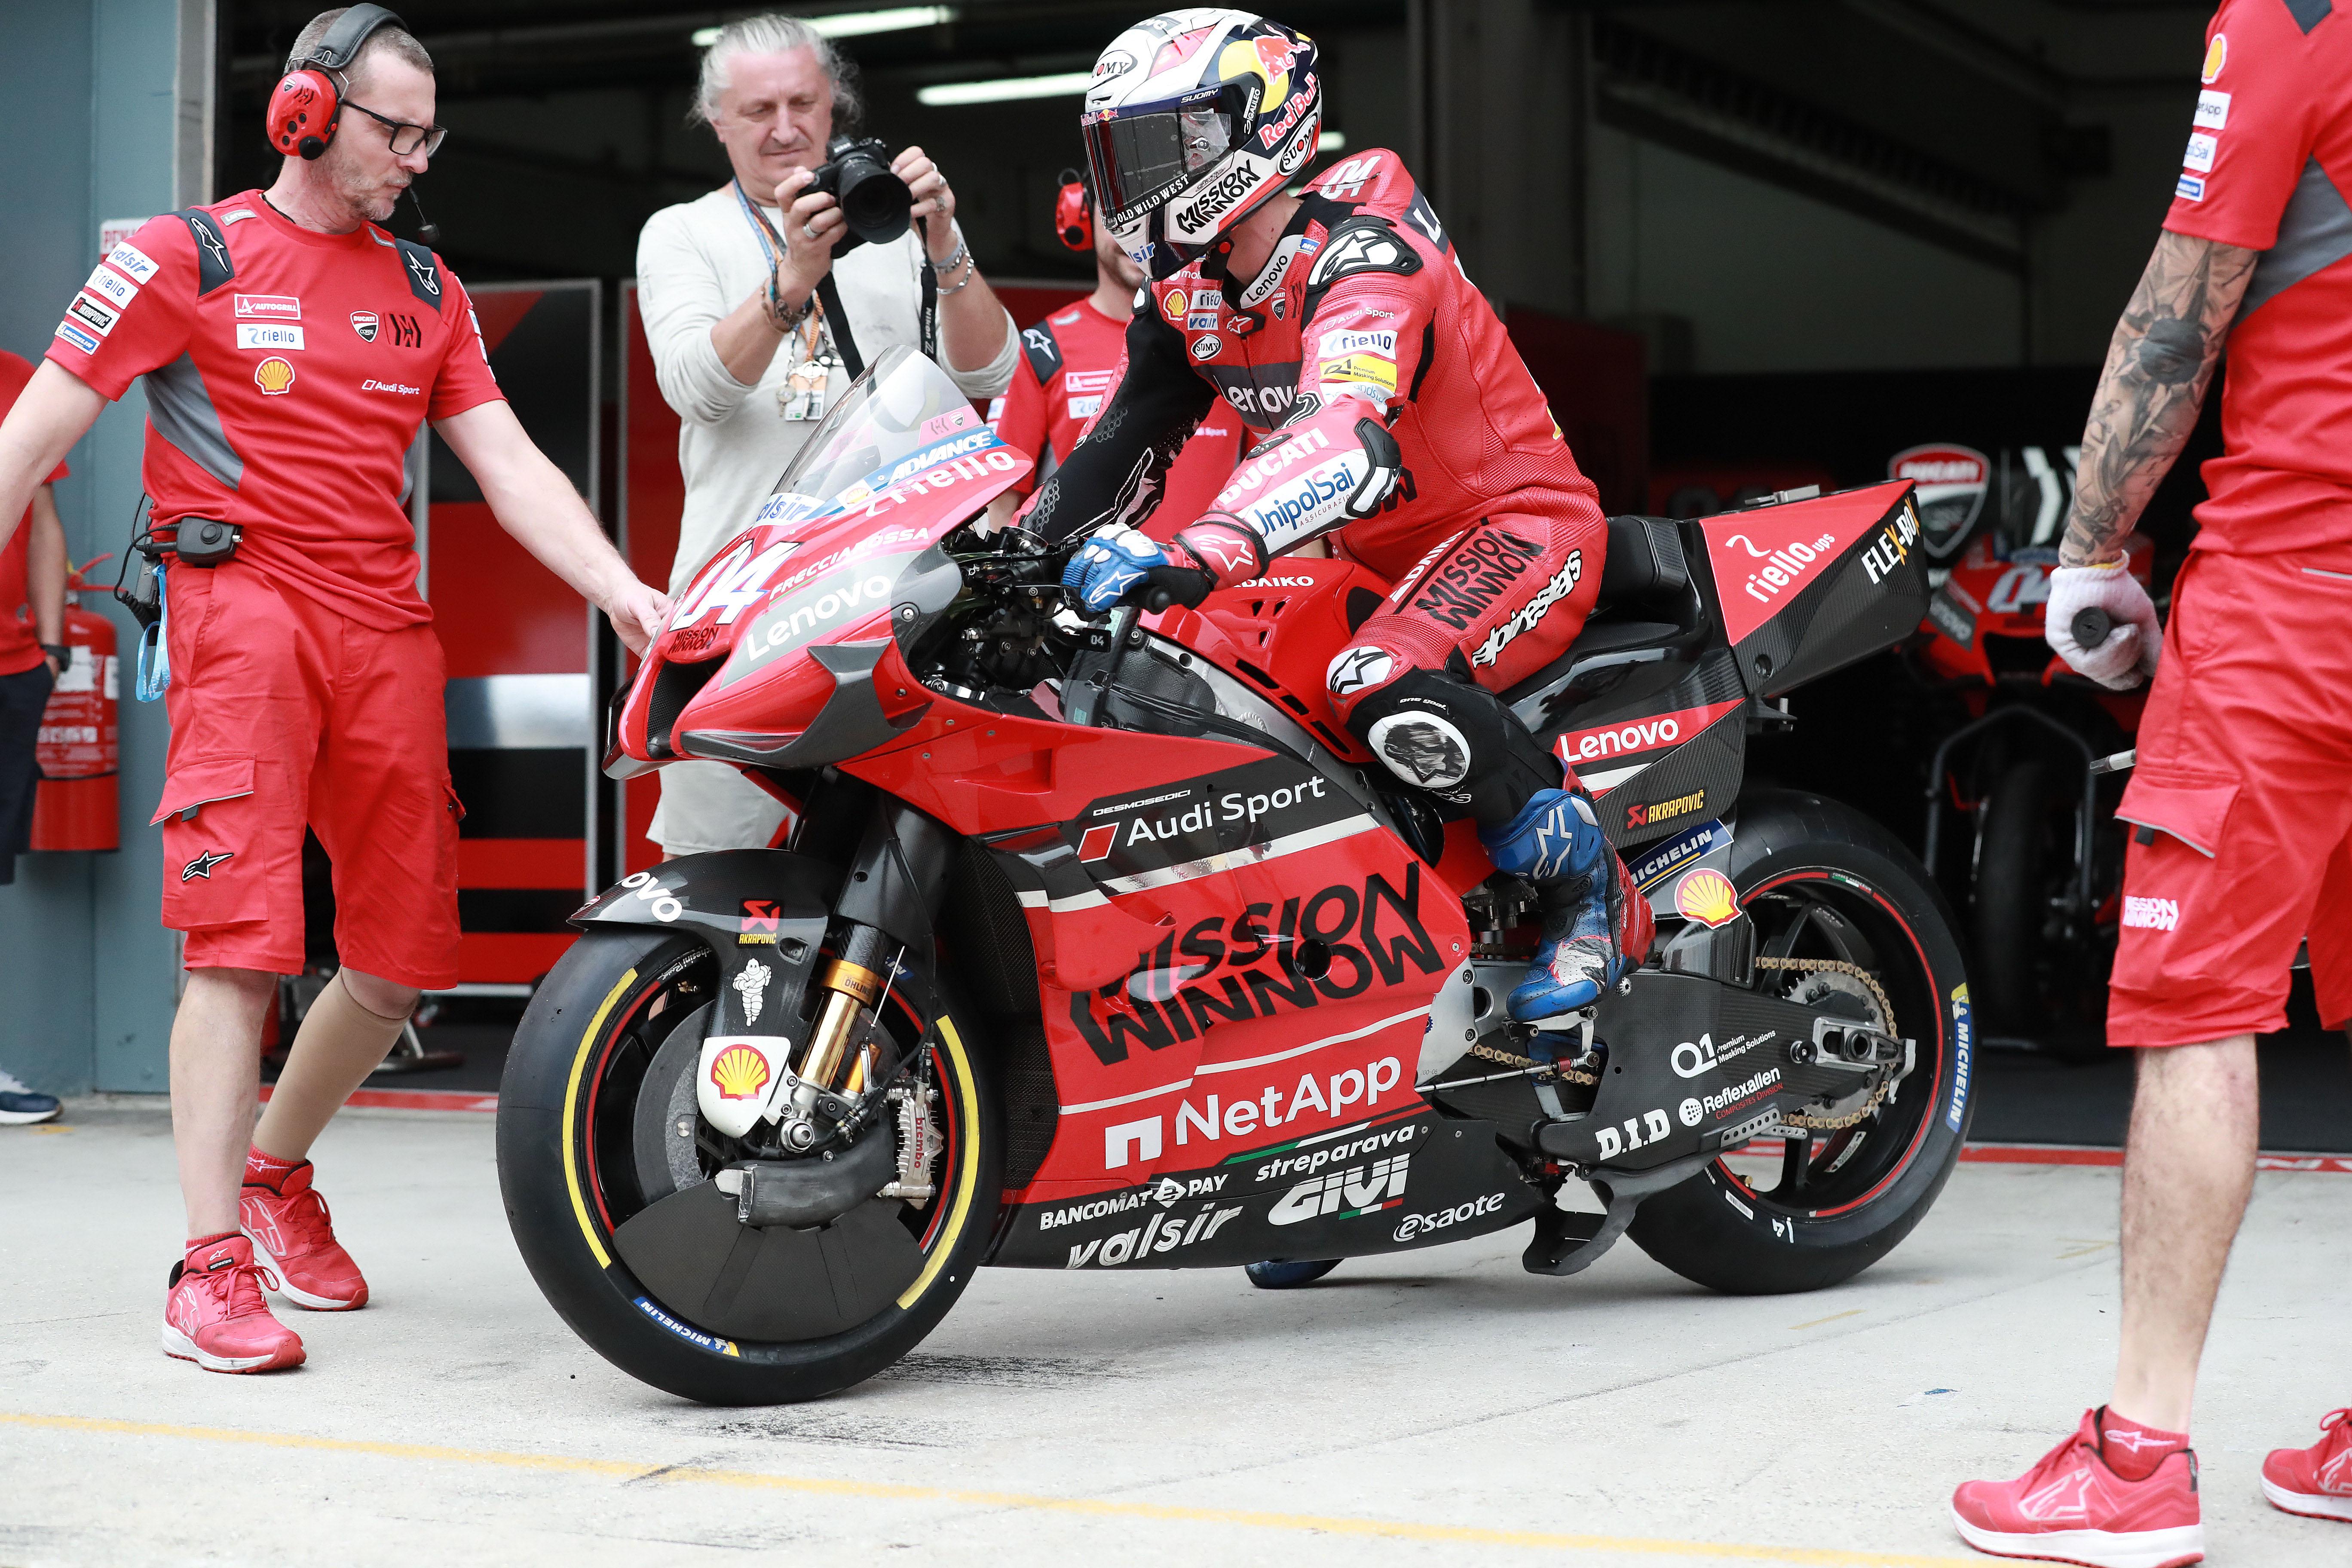 Andrea Dovizioso Ducati Sepang MotoGP test 2020